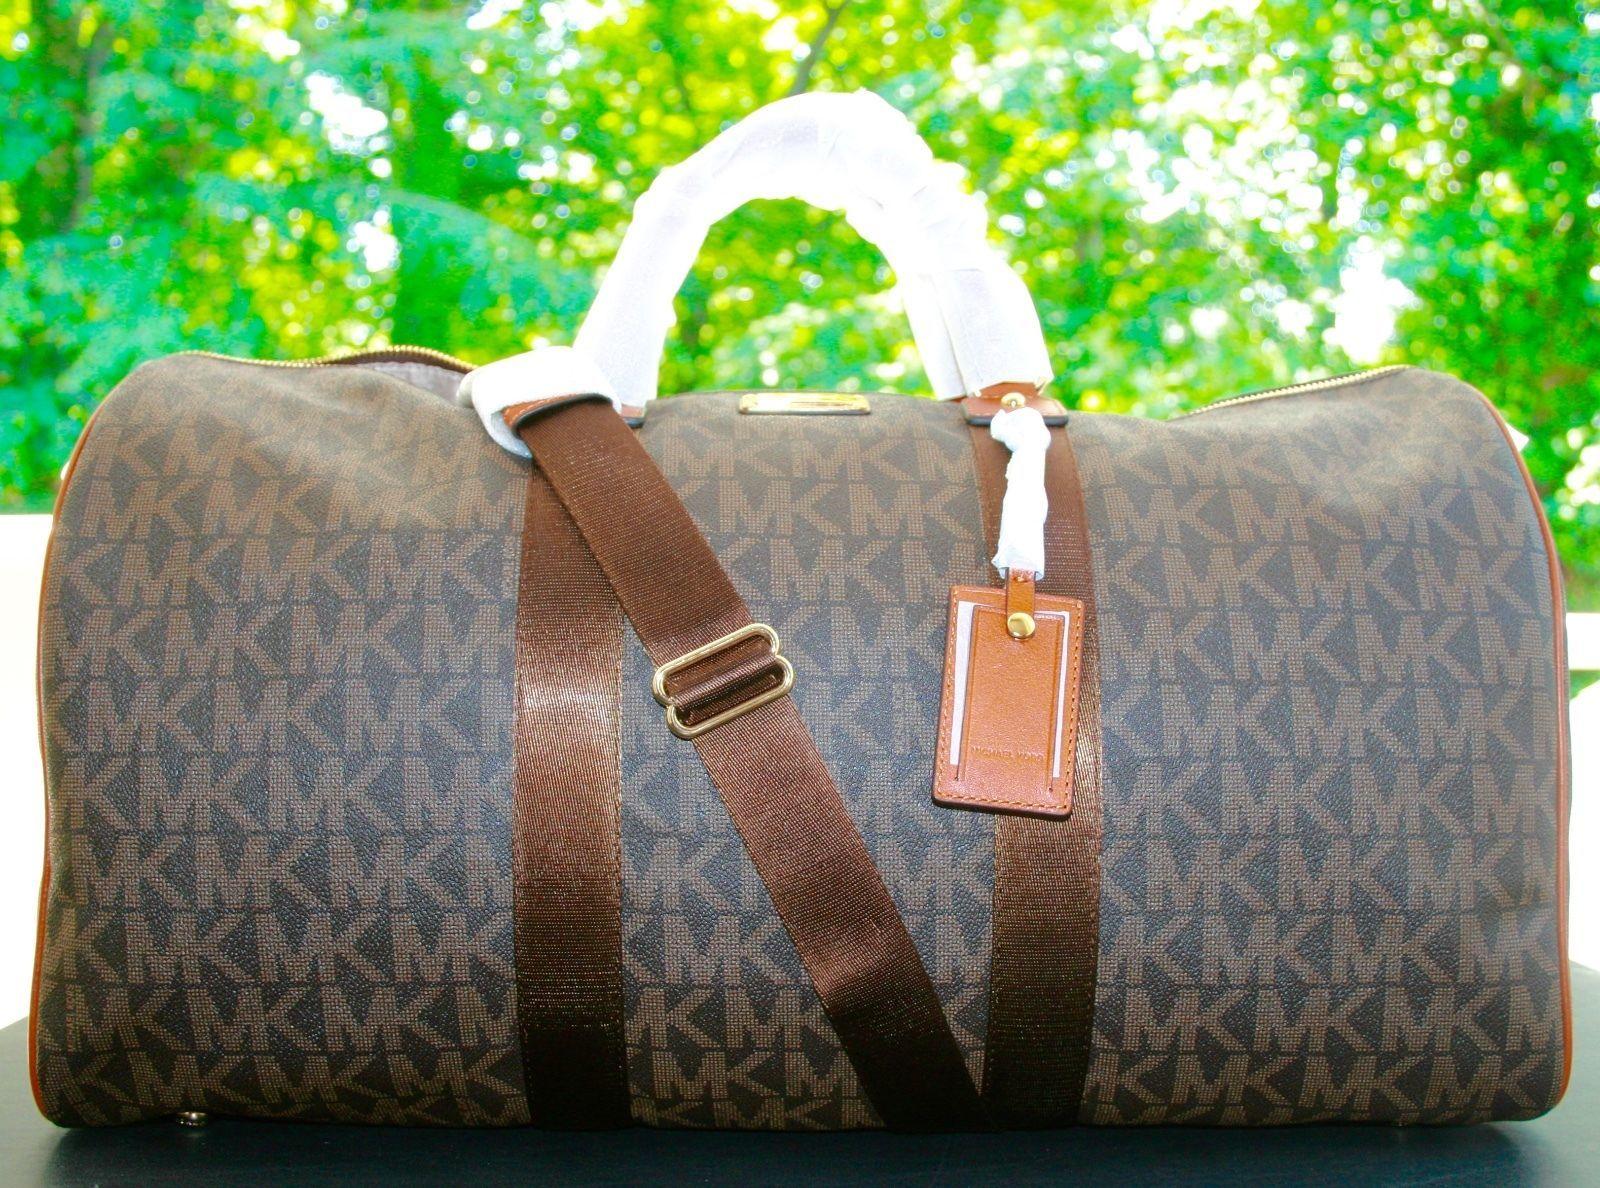 2504a634131f S l1600. S l1600. Previous. New MICHAEL KORS Signature XL Travel Duffle Bag  weekender $458. New MICHAEL ...